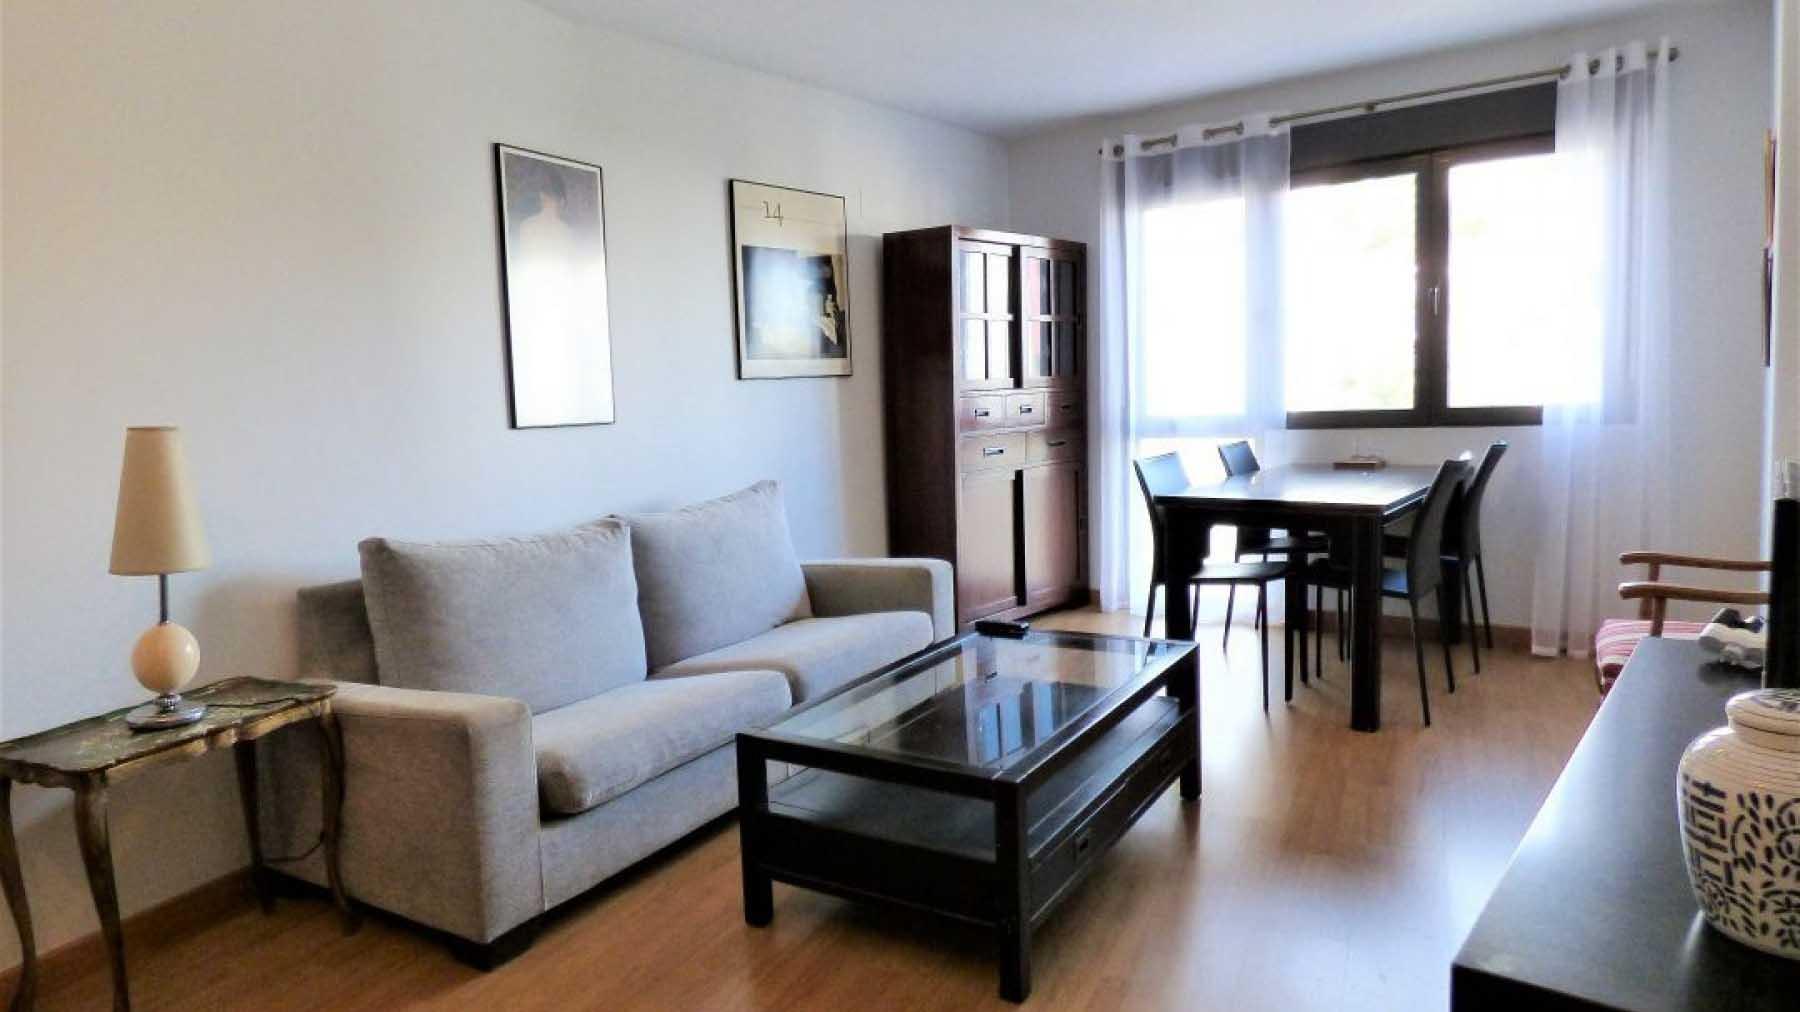 Аренда квартира в Испании город Аликанте 1 спальня в современном доме